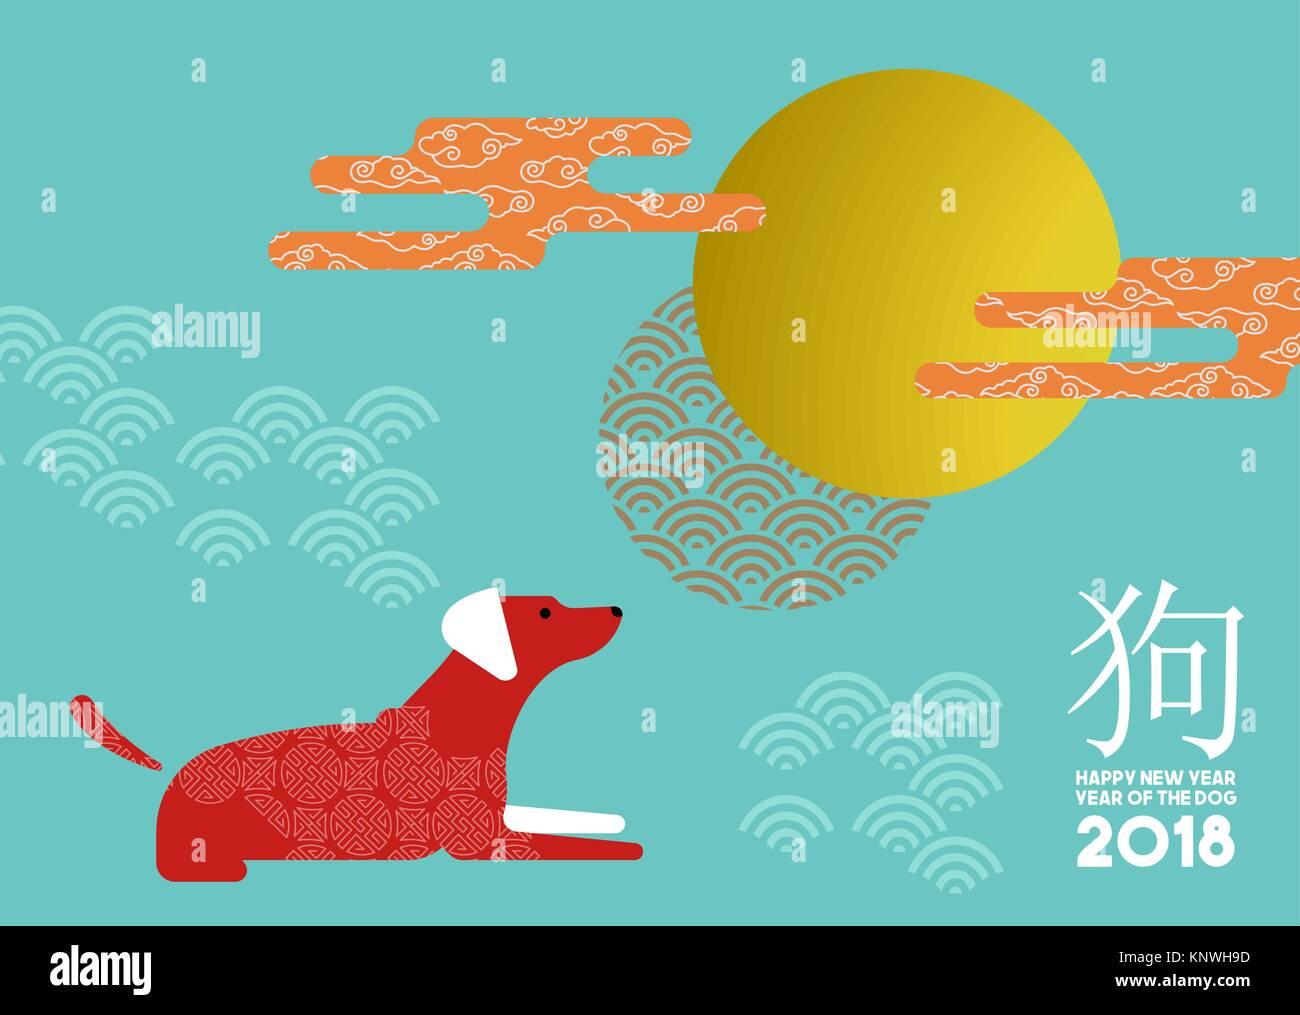 Chinesisches Neujahr 2018 moderne Abbildung im flachen Stil mit ...